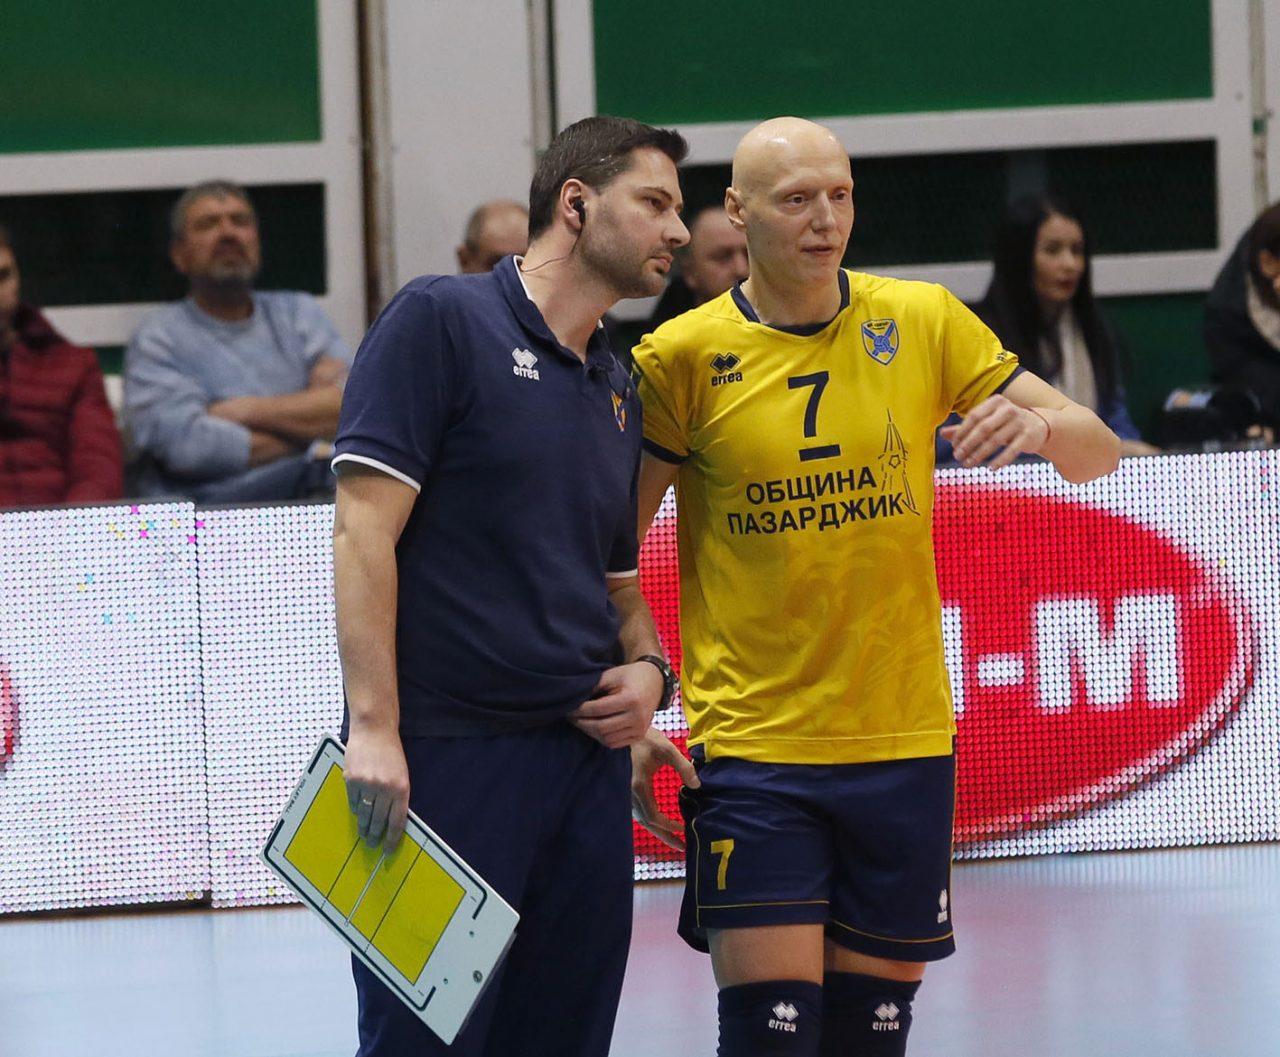 -Лукойл-волейбол-финал-13-1280x1057.jpg